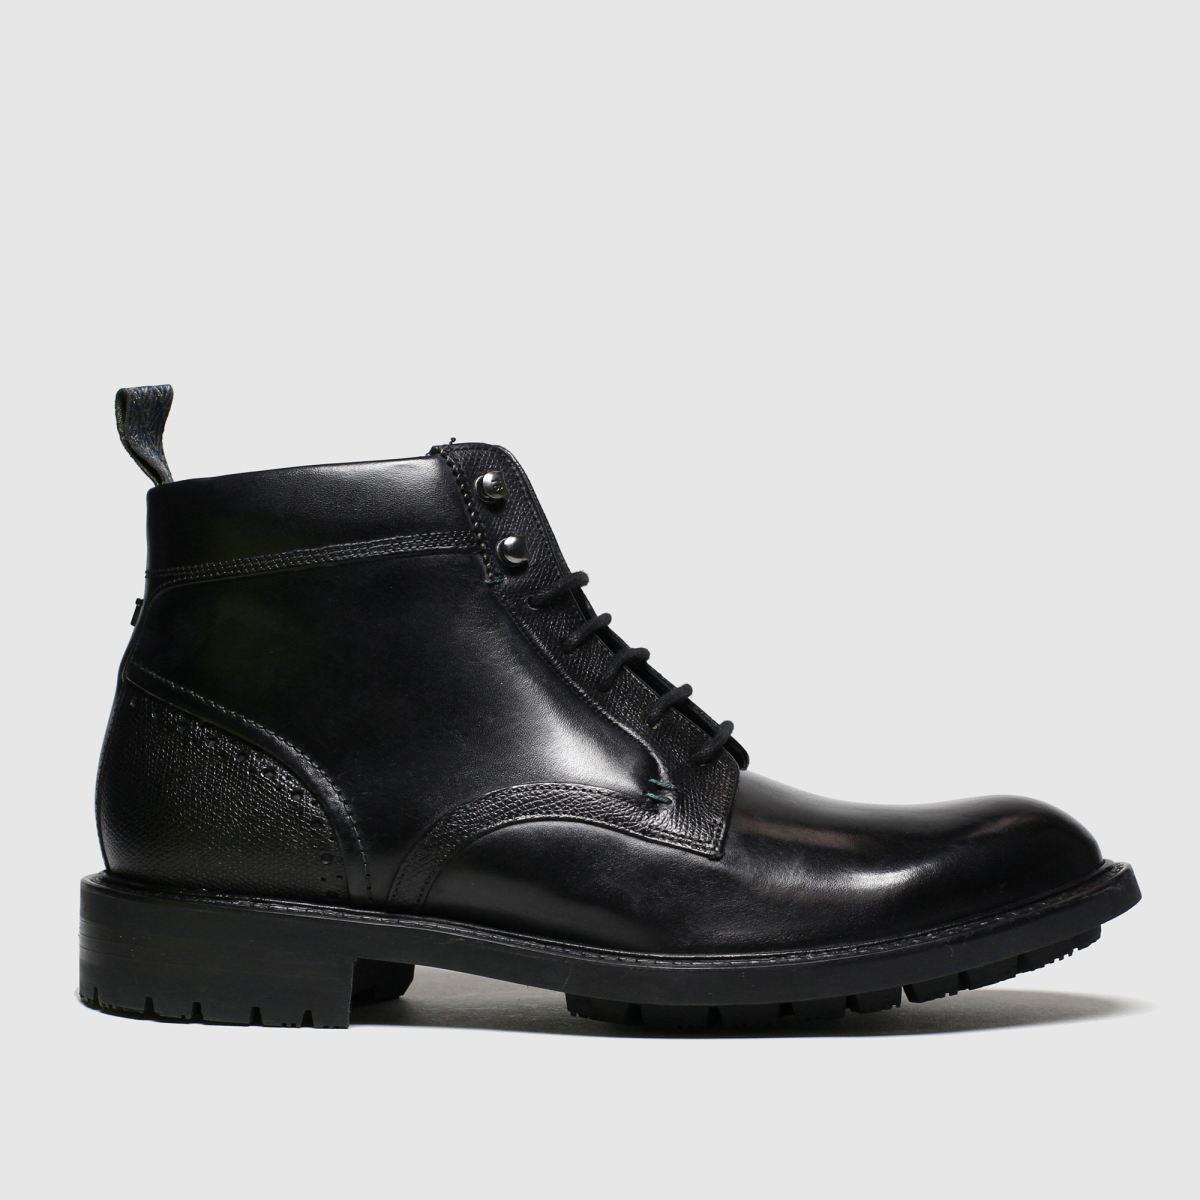 Ted Baker Black Wottsn Boots